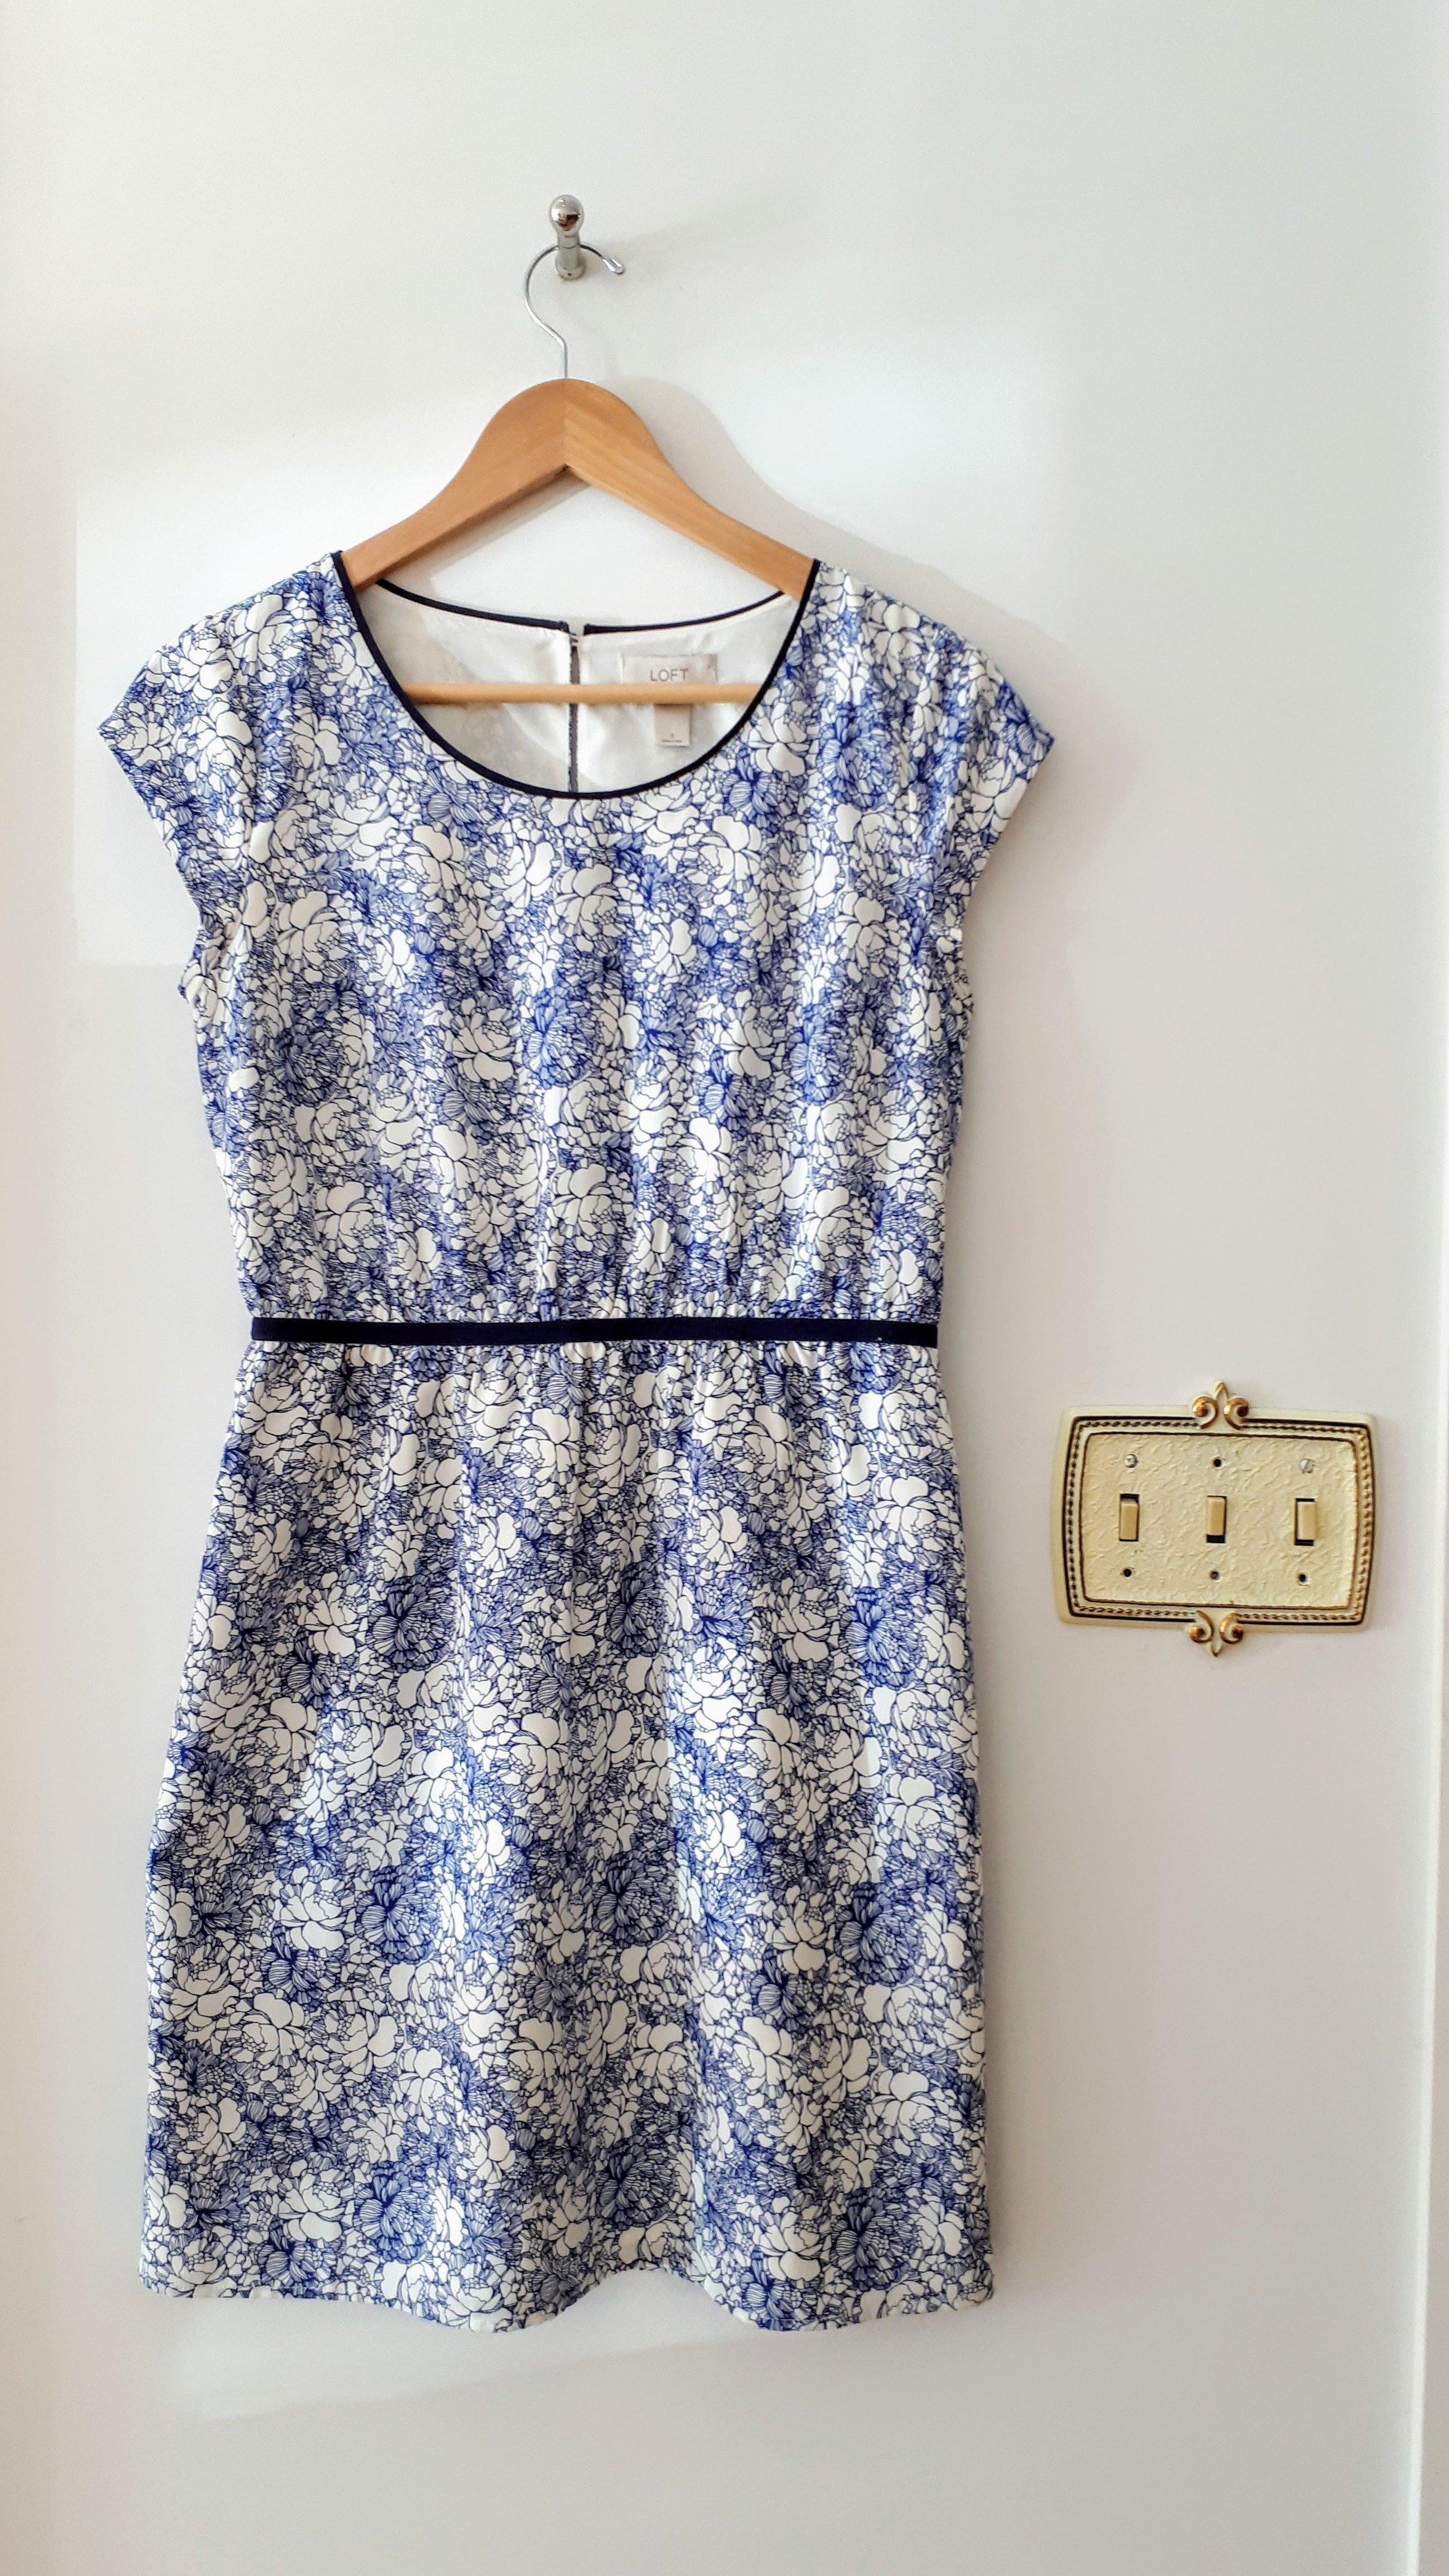 Ann Taylor dress; Size 6, $34